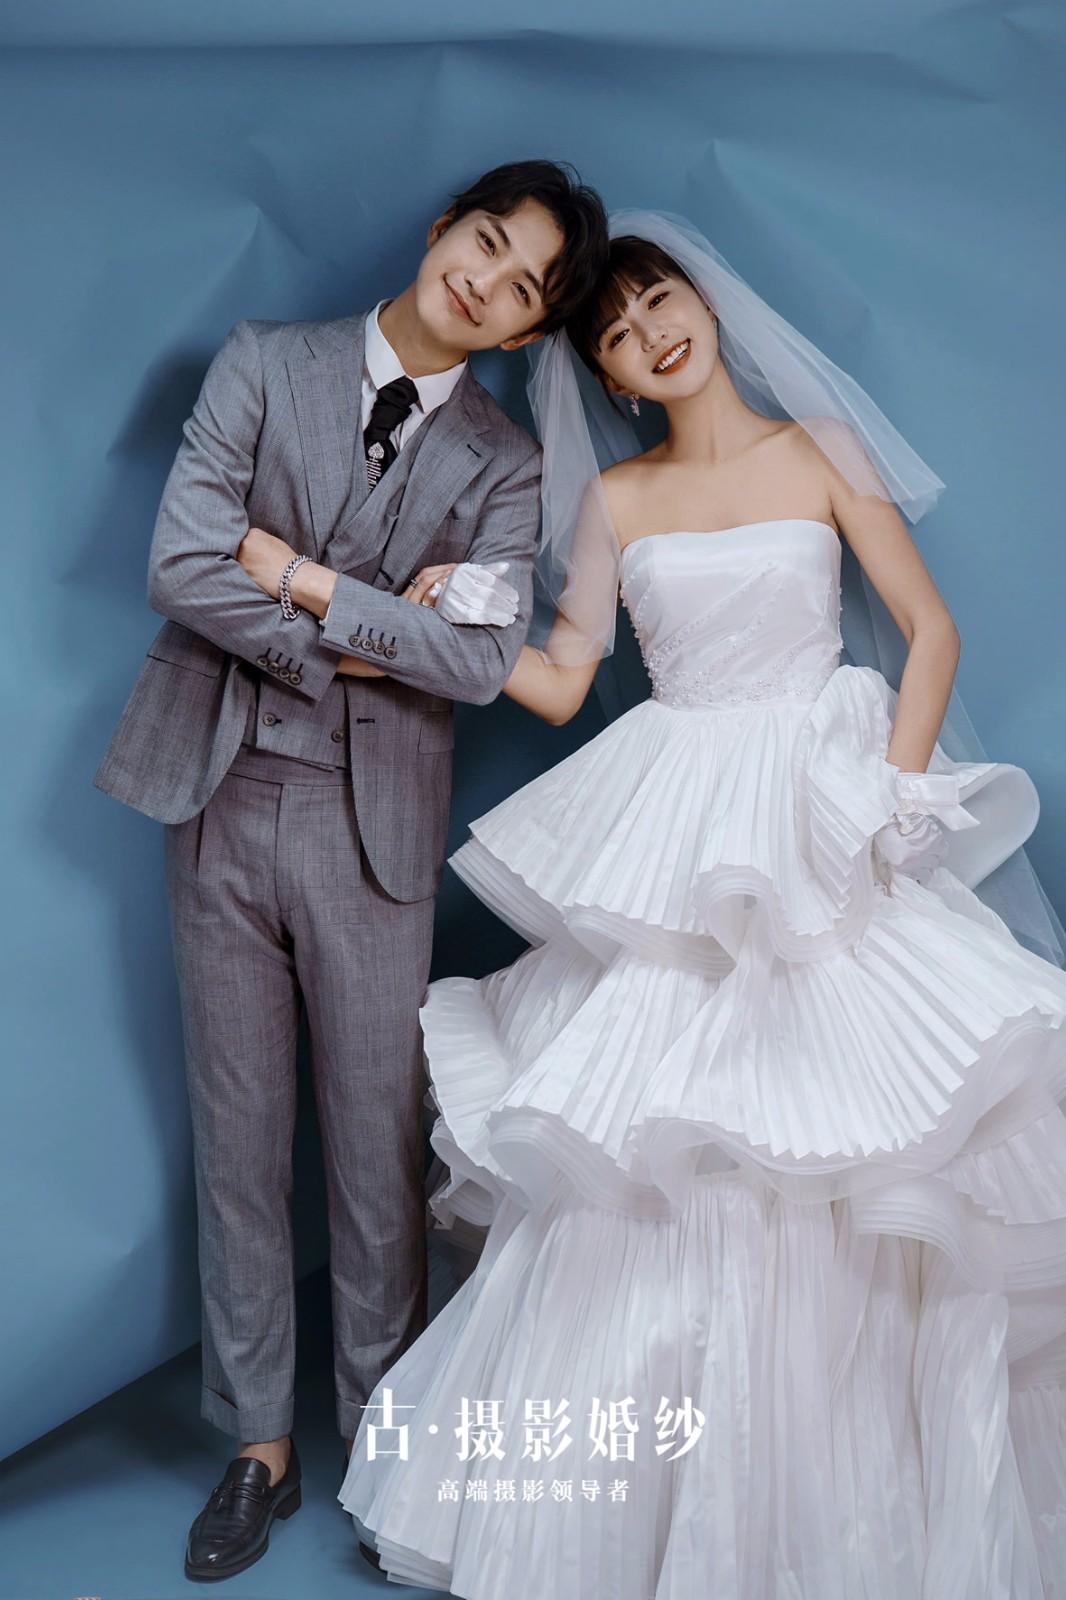 初恋乐园 - 明星范 - 古摄影婚纱艺术-古摄影成都婚纱摄影艺术摄影网